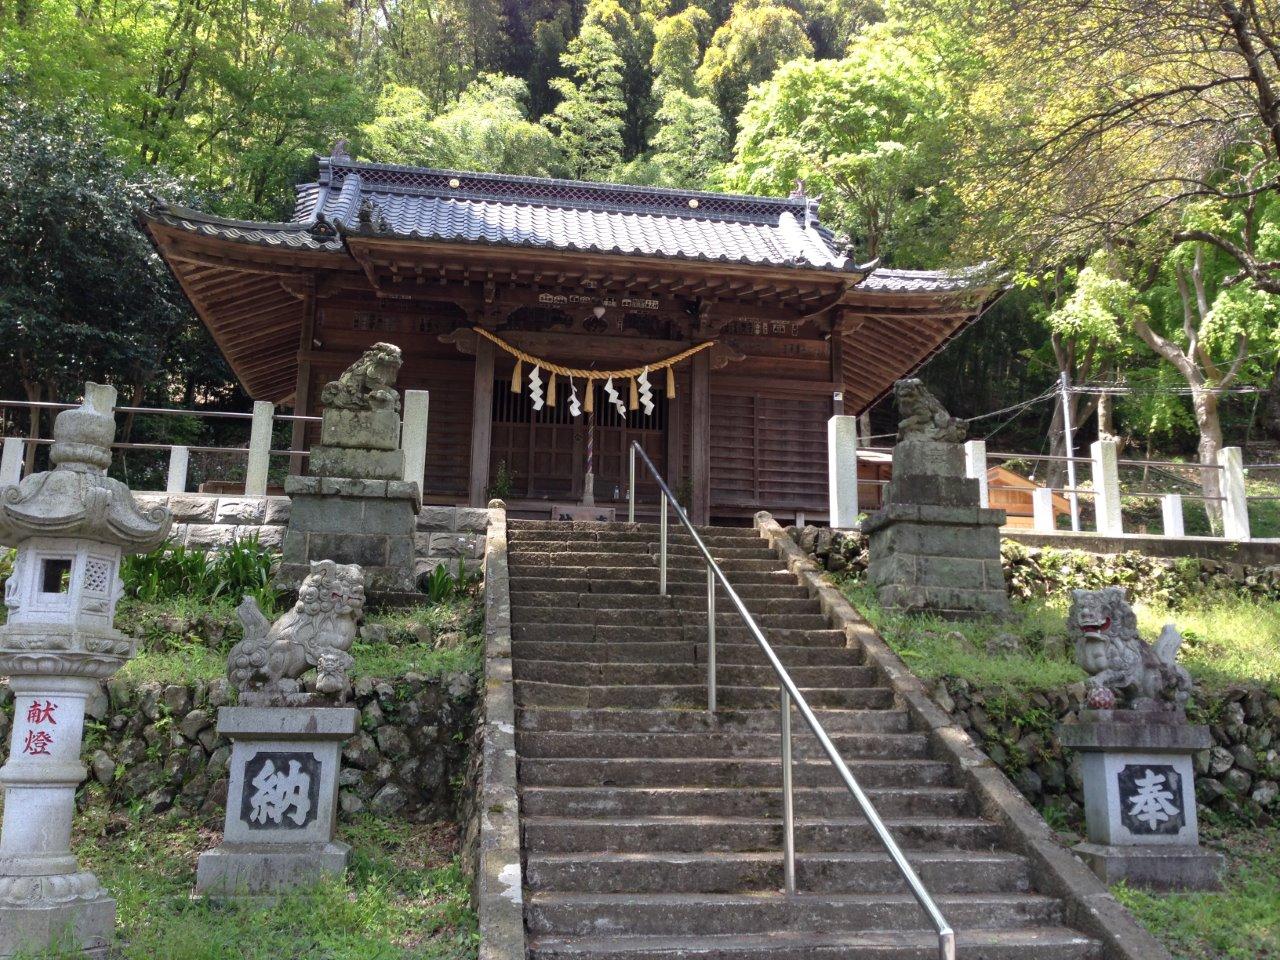 秋川温泉&高尾山 もうすぐ88歳の八重子さんと_f0019063_12122612.jpg